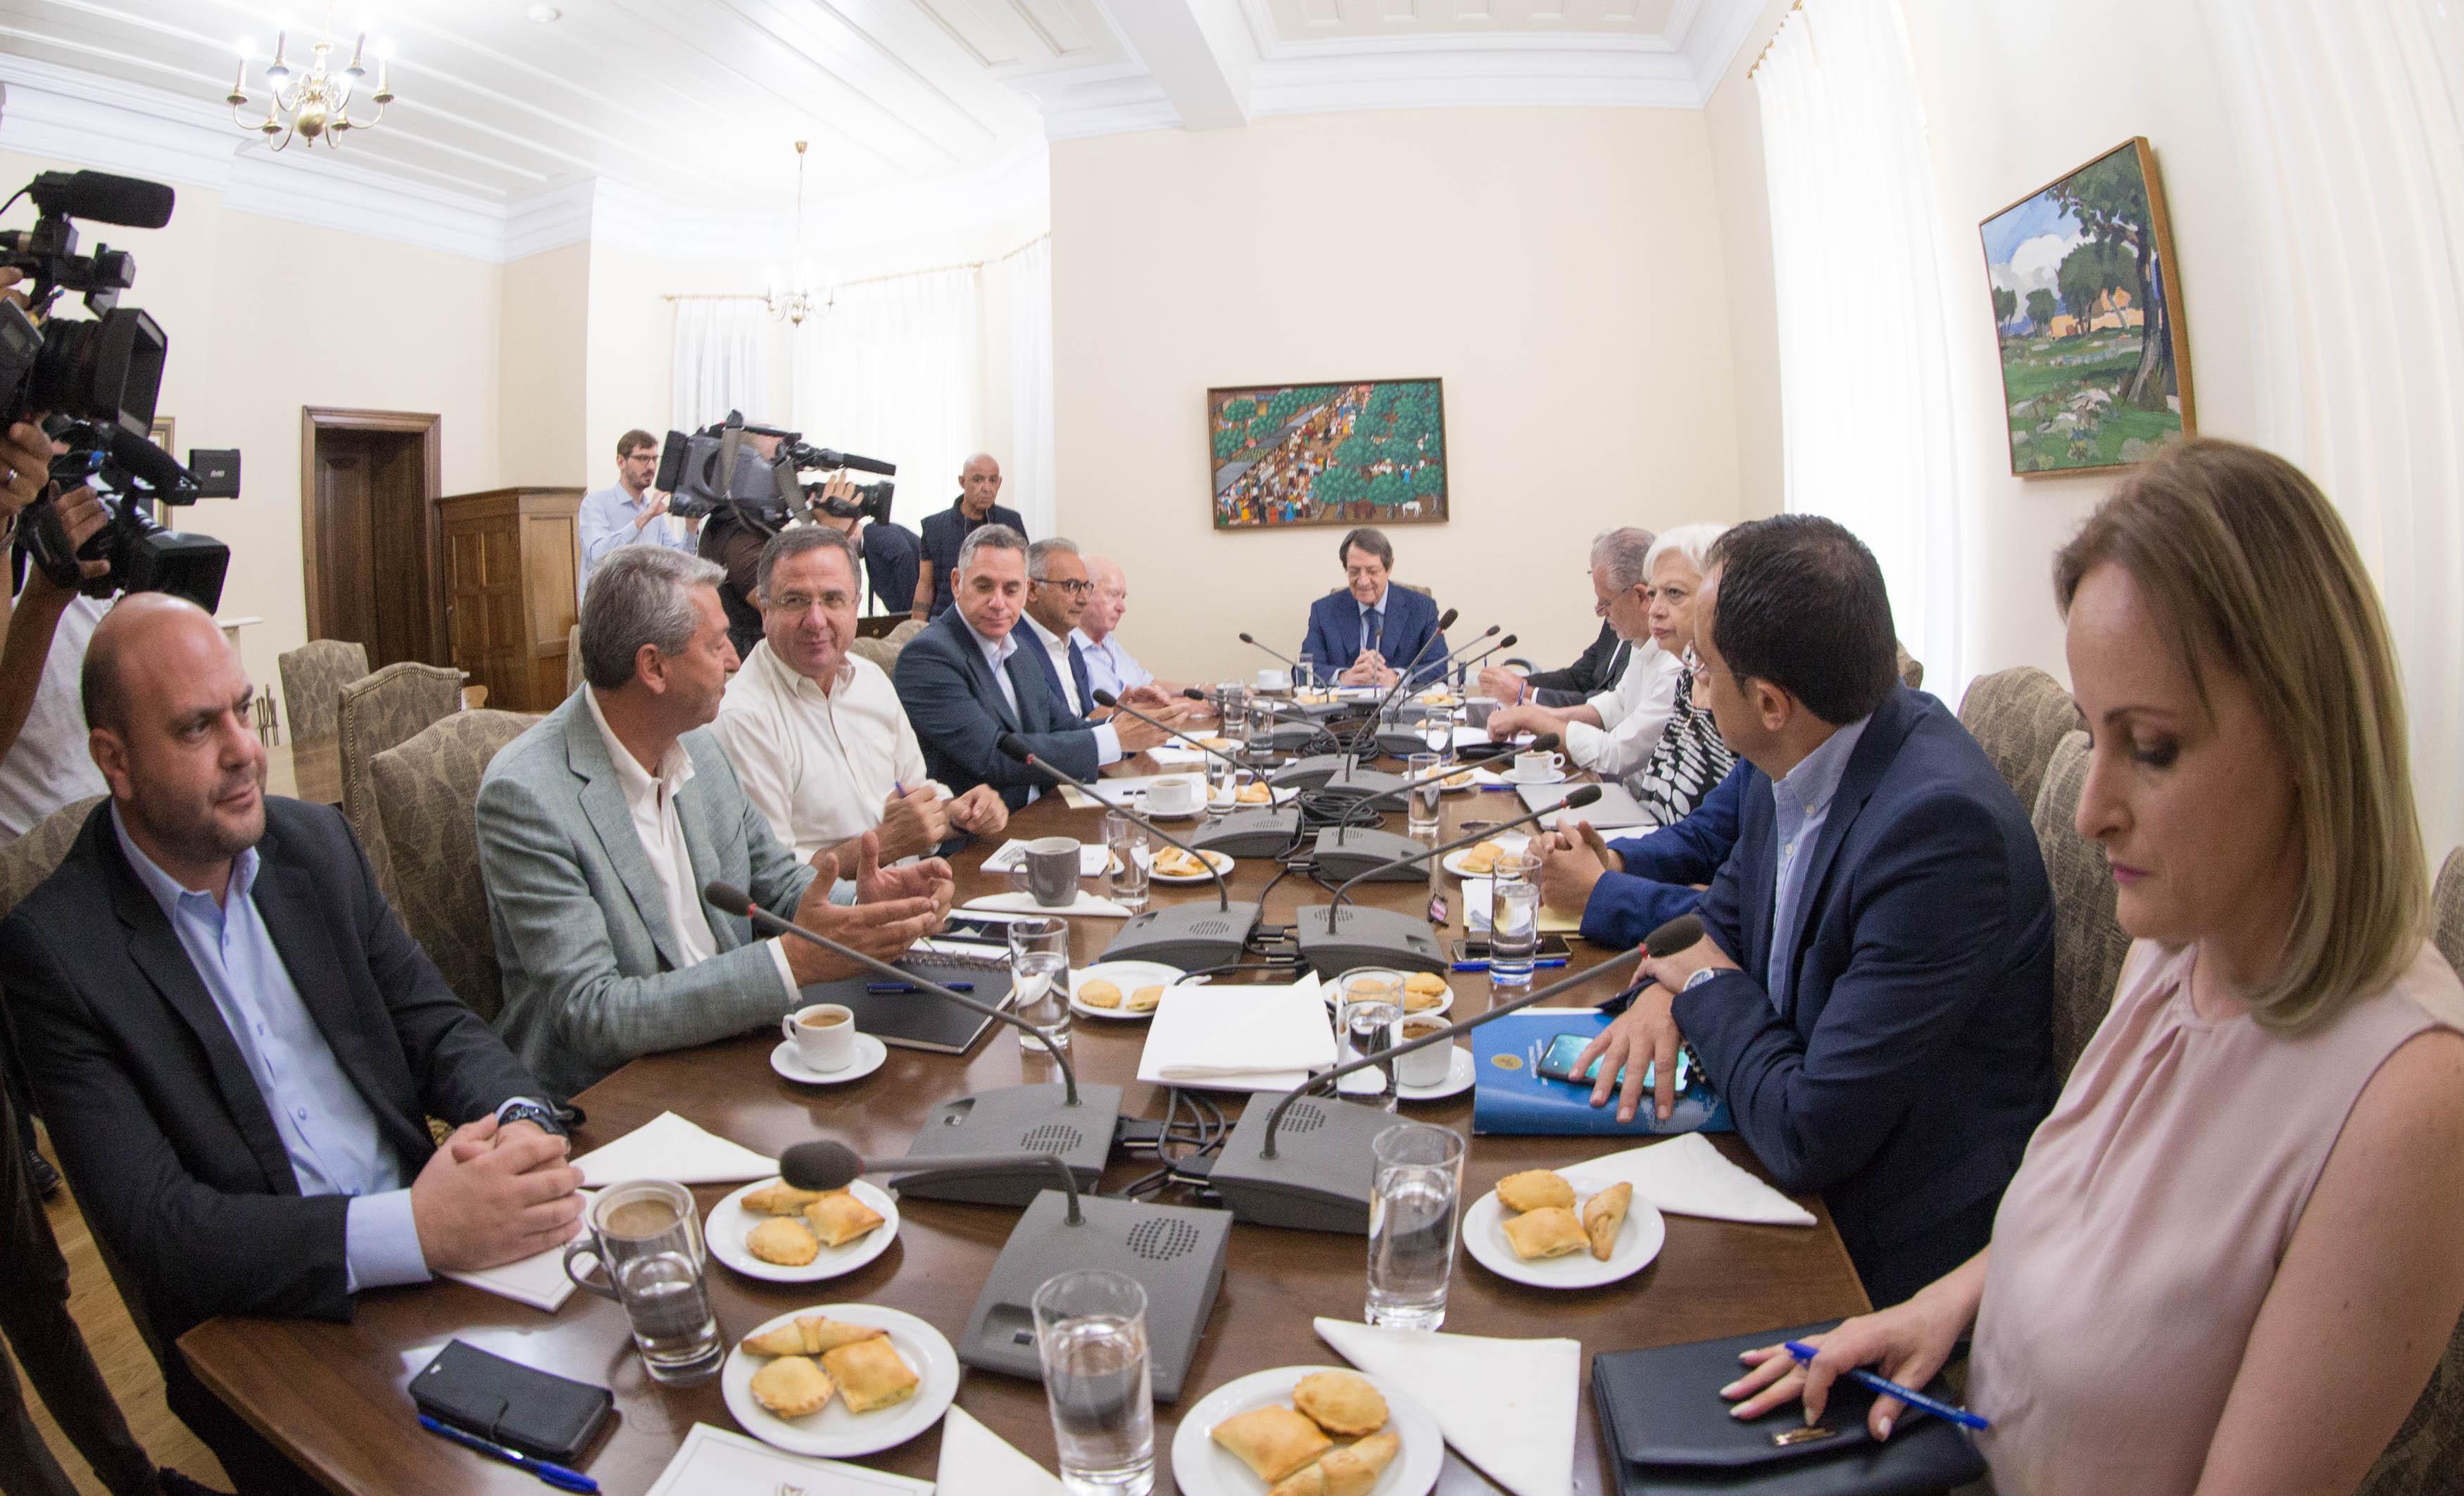 Νέο συμβούλιο αρχηγών στην Κύπρο μετά τη συνάντηση Αναστασιάδη-Ακιντζί